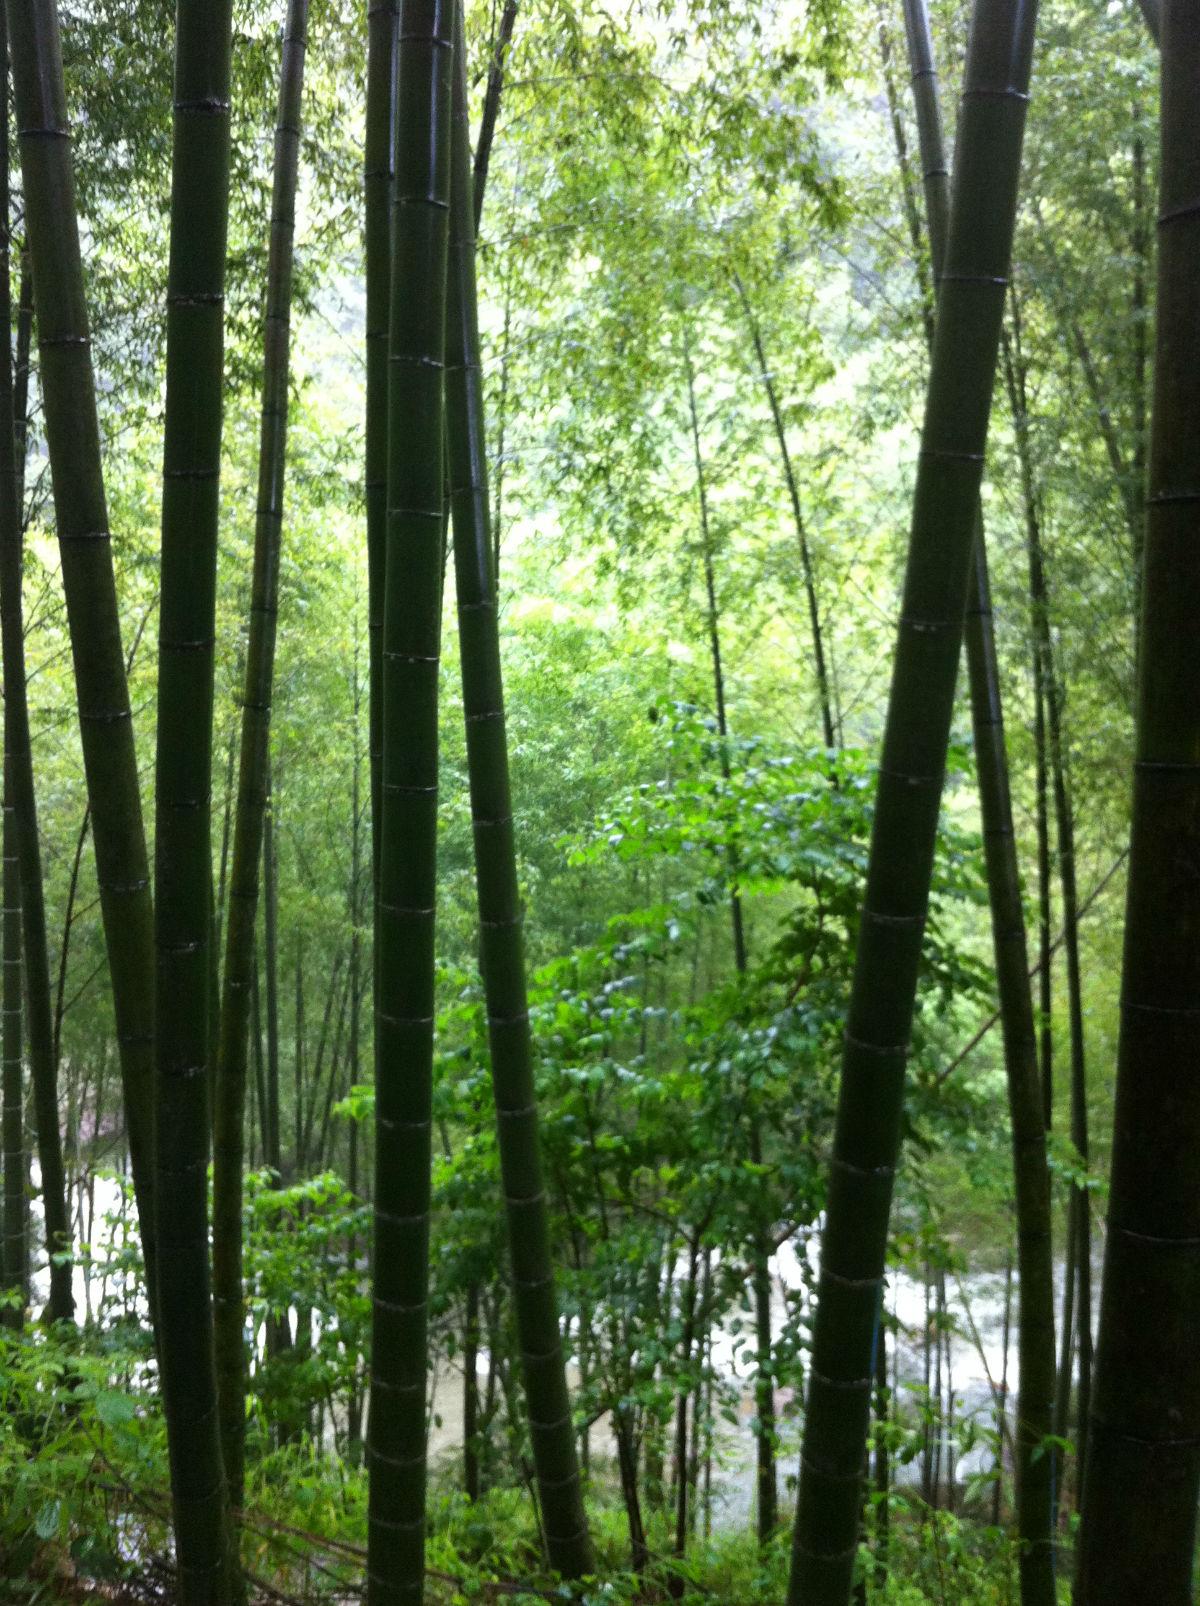 壁纸 风景 森林 桌面 1200_1606 竖版 竖屏 手机